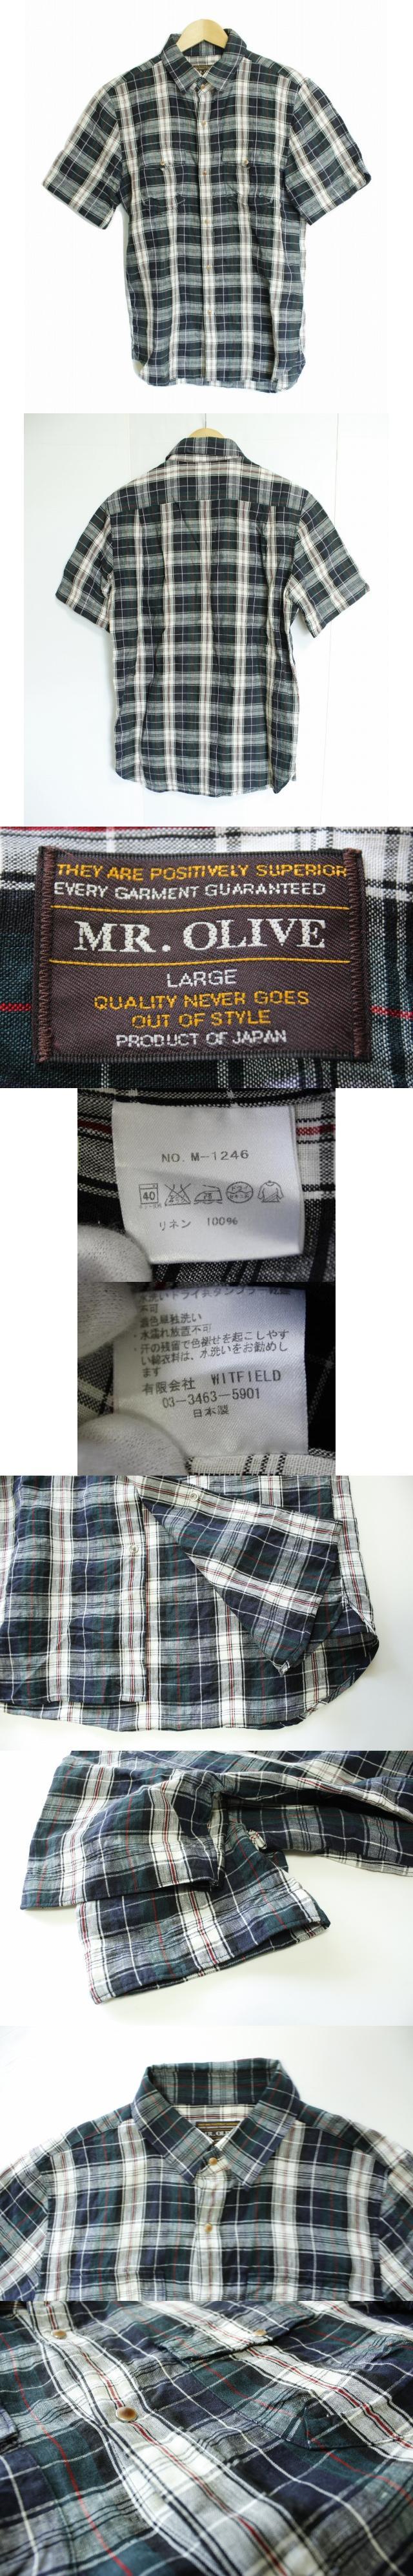 麻 半袖 シャツ L 紺 ネイビー リネン100% スナップボタン 両胸ポケット 日本製 カジュアル 夏 トップス